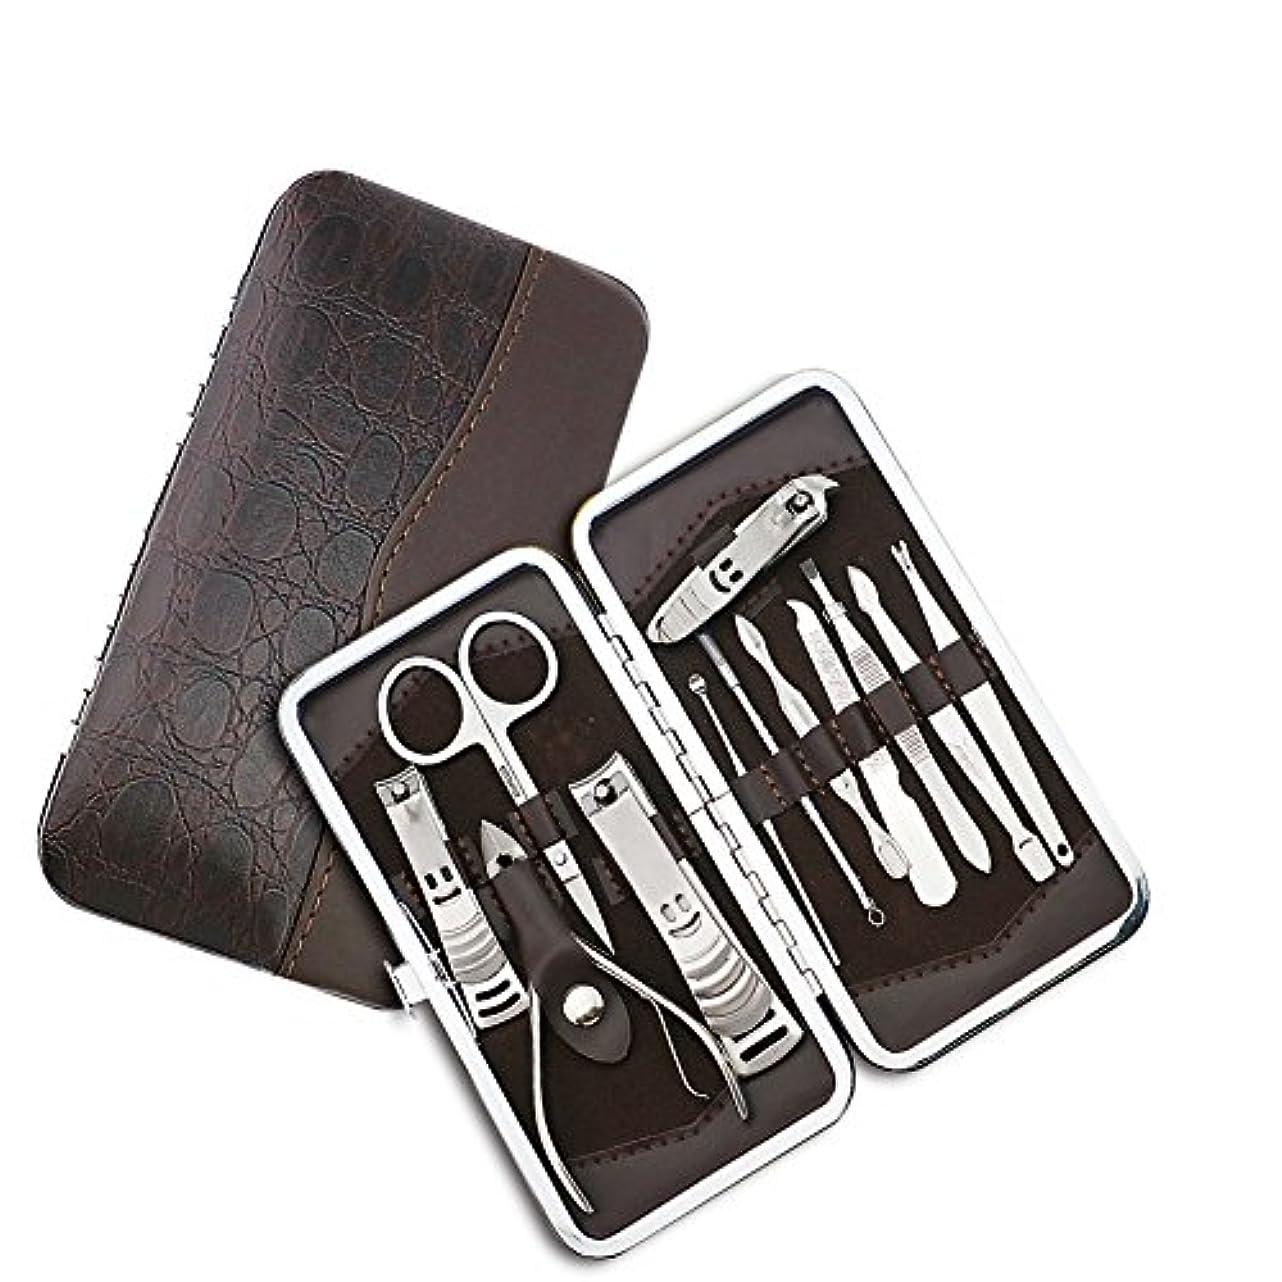 カートリッジ去るもろいネイルはさみネイルクリッパートラベルセット、プロフェッショナルステンレスネイルケアセットベビーセーフネイルクリッパーパーソナルマニキュアセットペディキュアセットは、男性と女性のための指、手足で使用爪切り